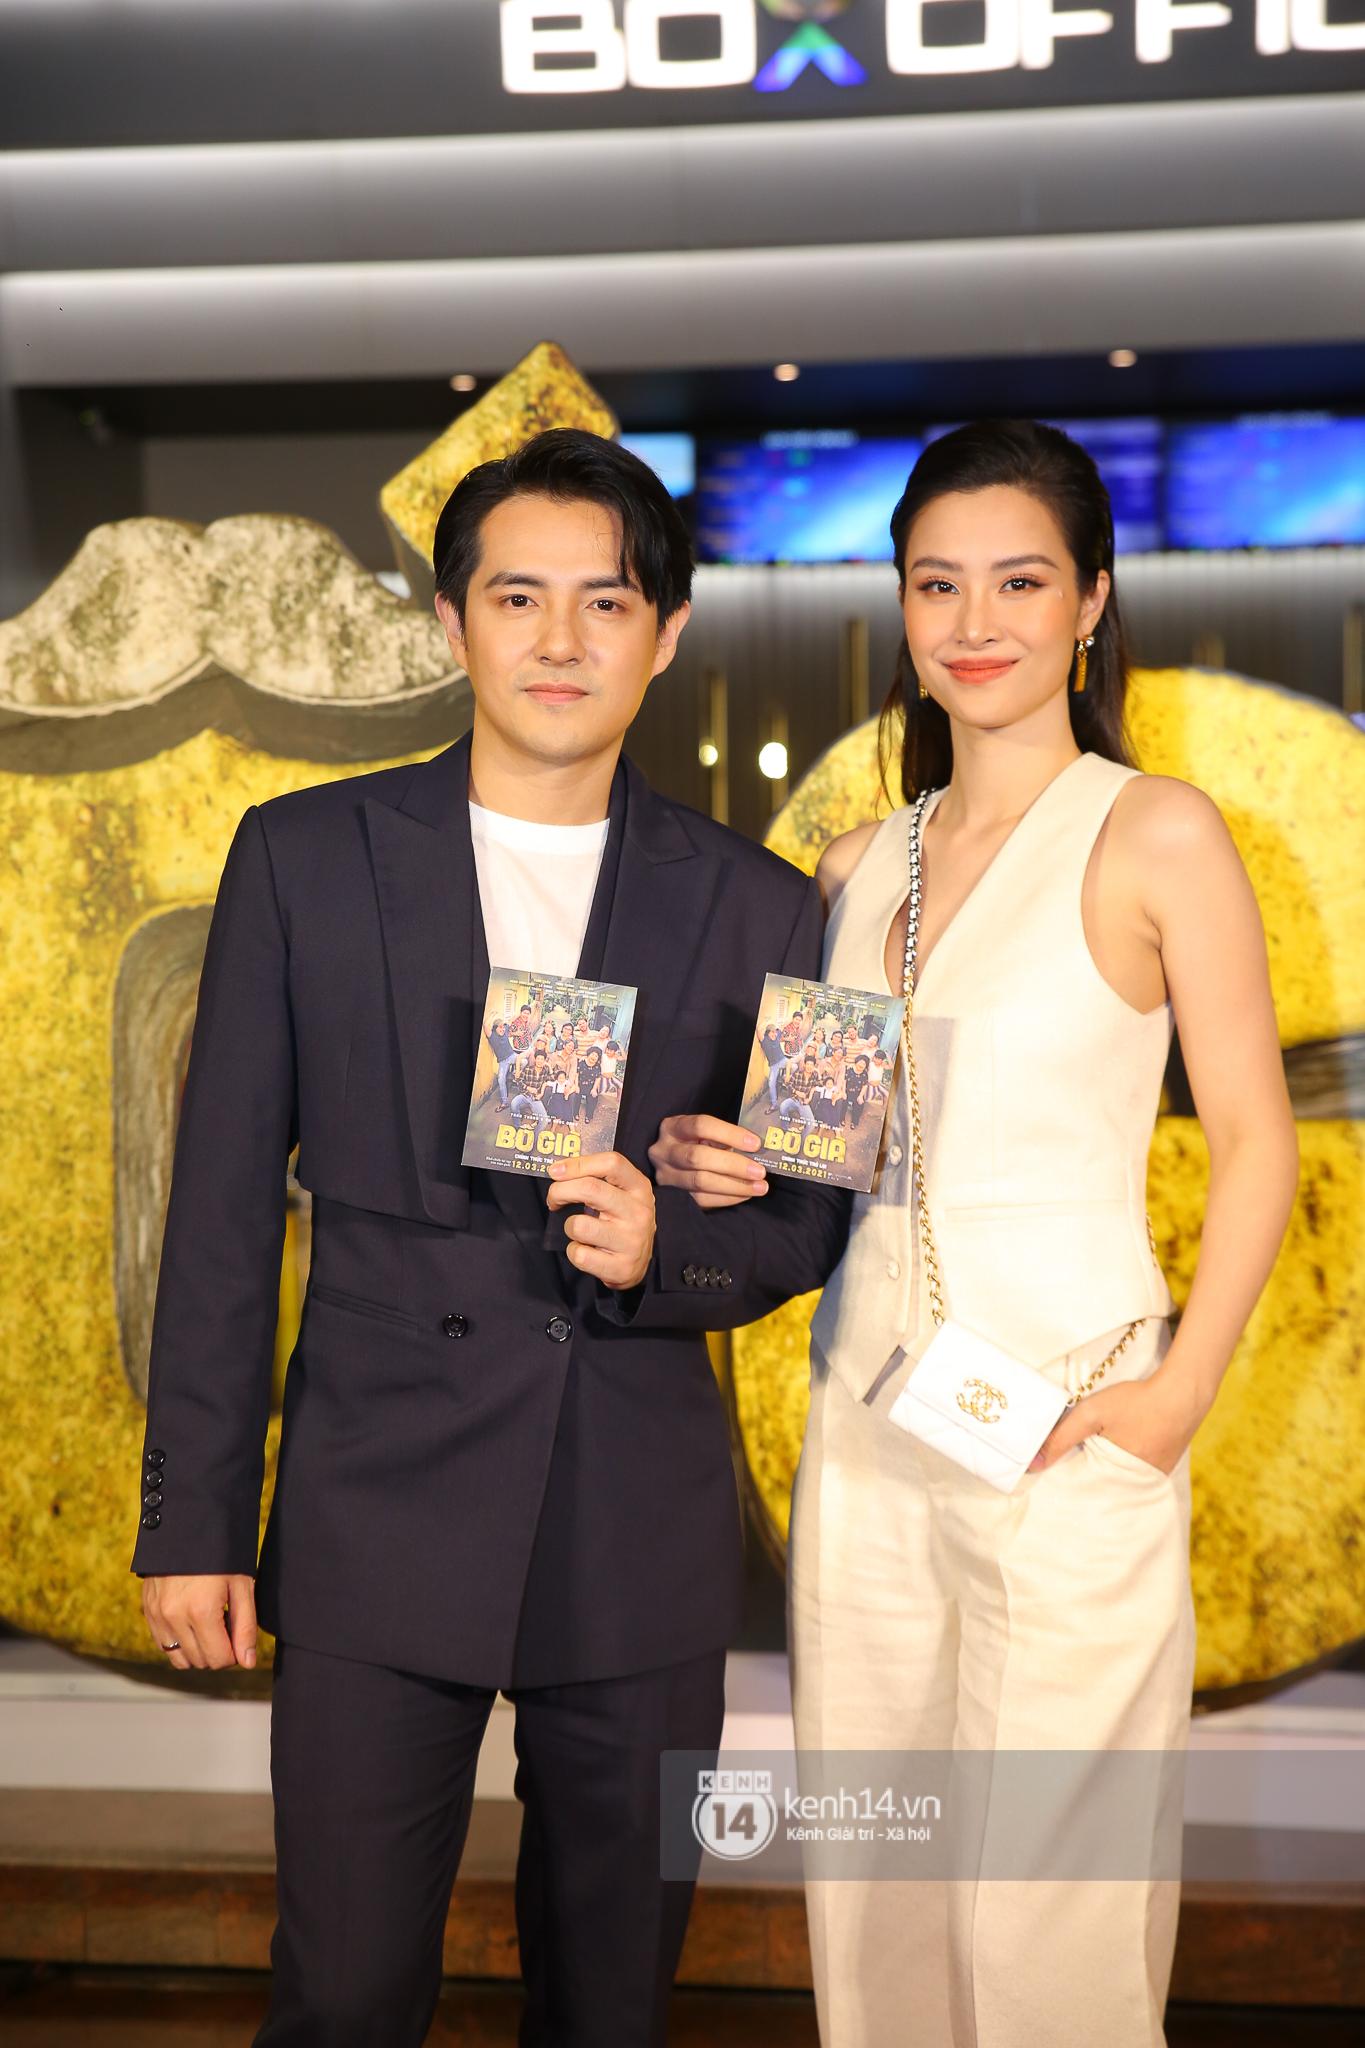 Cặp đôi nhà Đông Nhi, Lệ Quyên thi nhau show ân ái không kém cạnh Trấn Thành - Hariwon ở siêu thảm đỏ Bố Già - Ảnh 3.